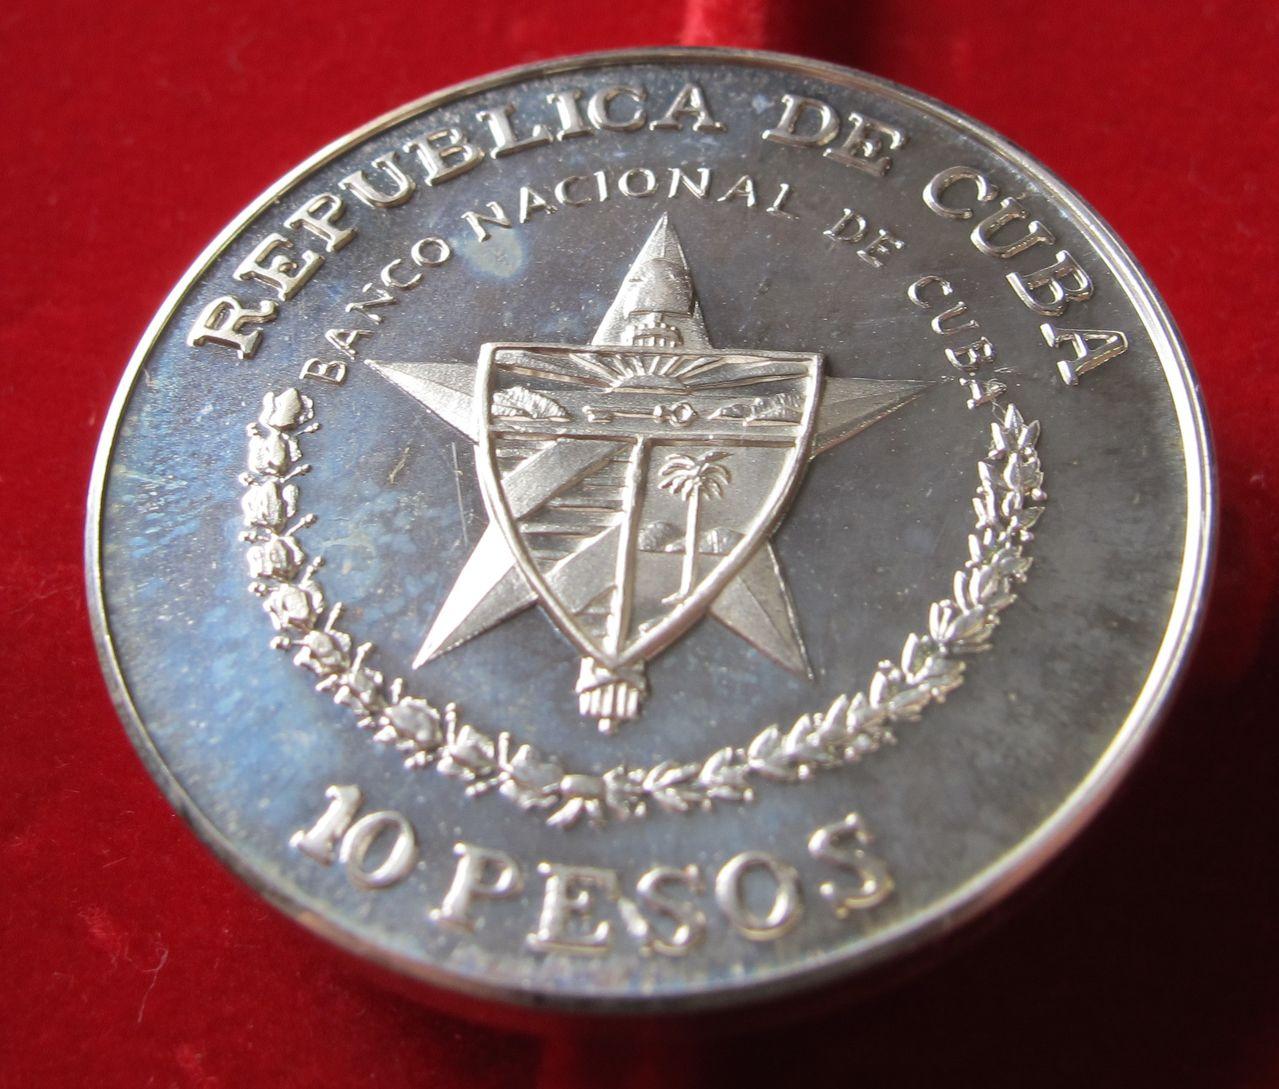 10 pesos 1989. En marcha hacia la victoria. Cuba Cuba1